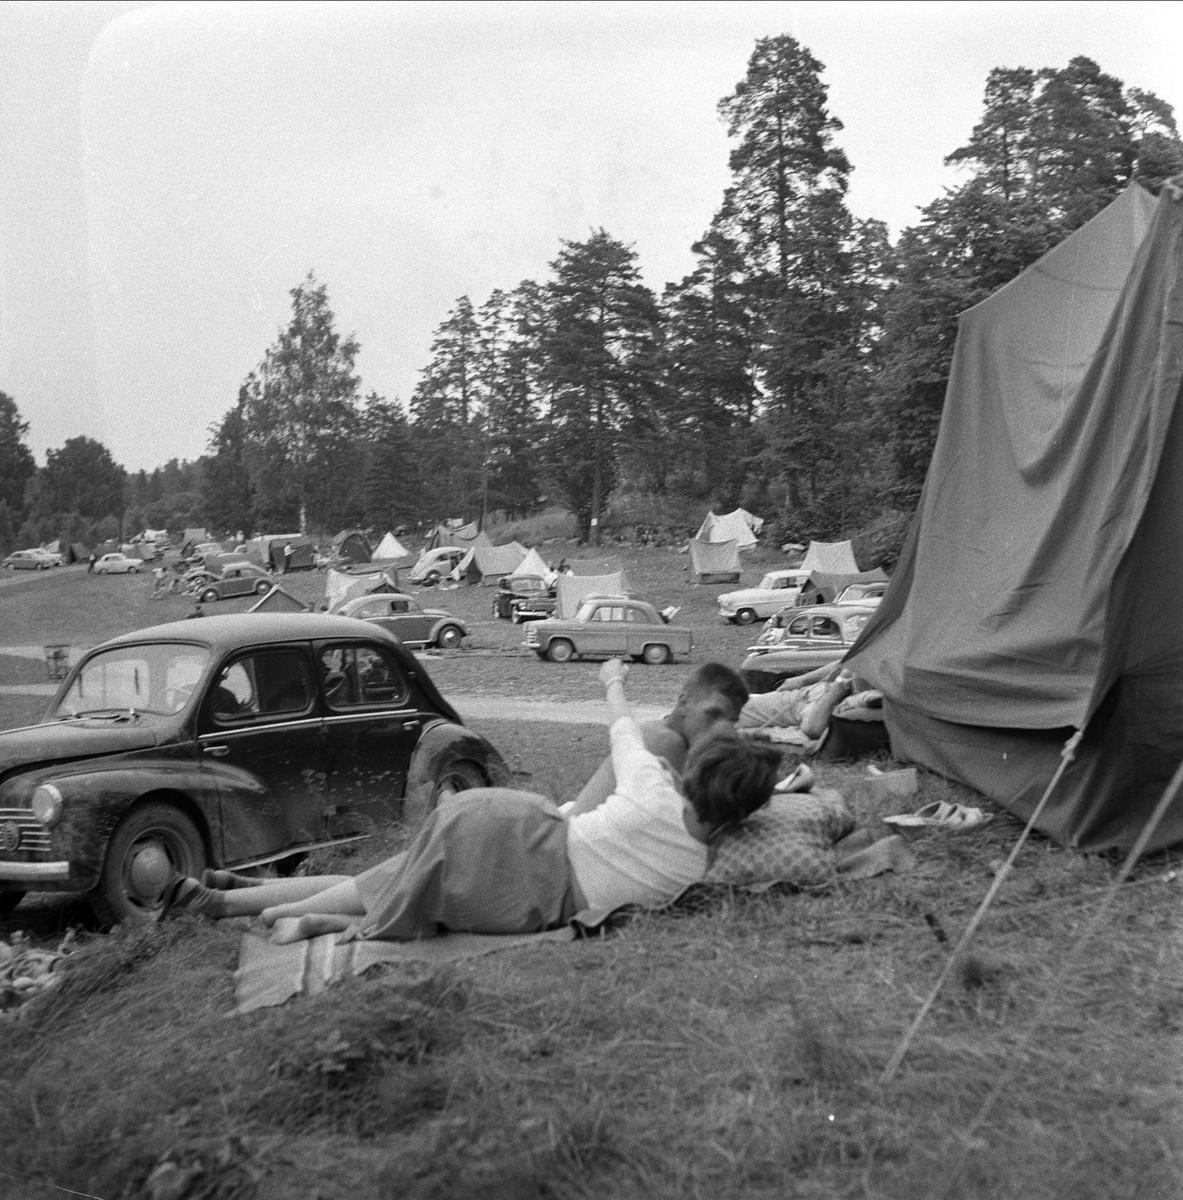 bil av typen renault 4 cv  u00e5rsmodell 1946-54  svenske turister p u00e5 camping i oslo